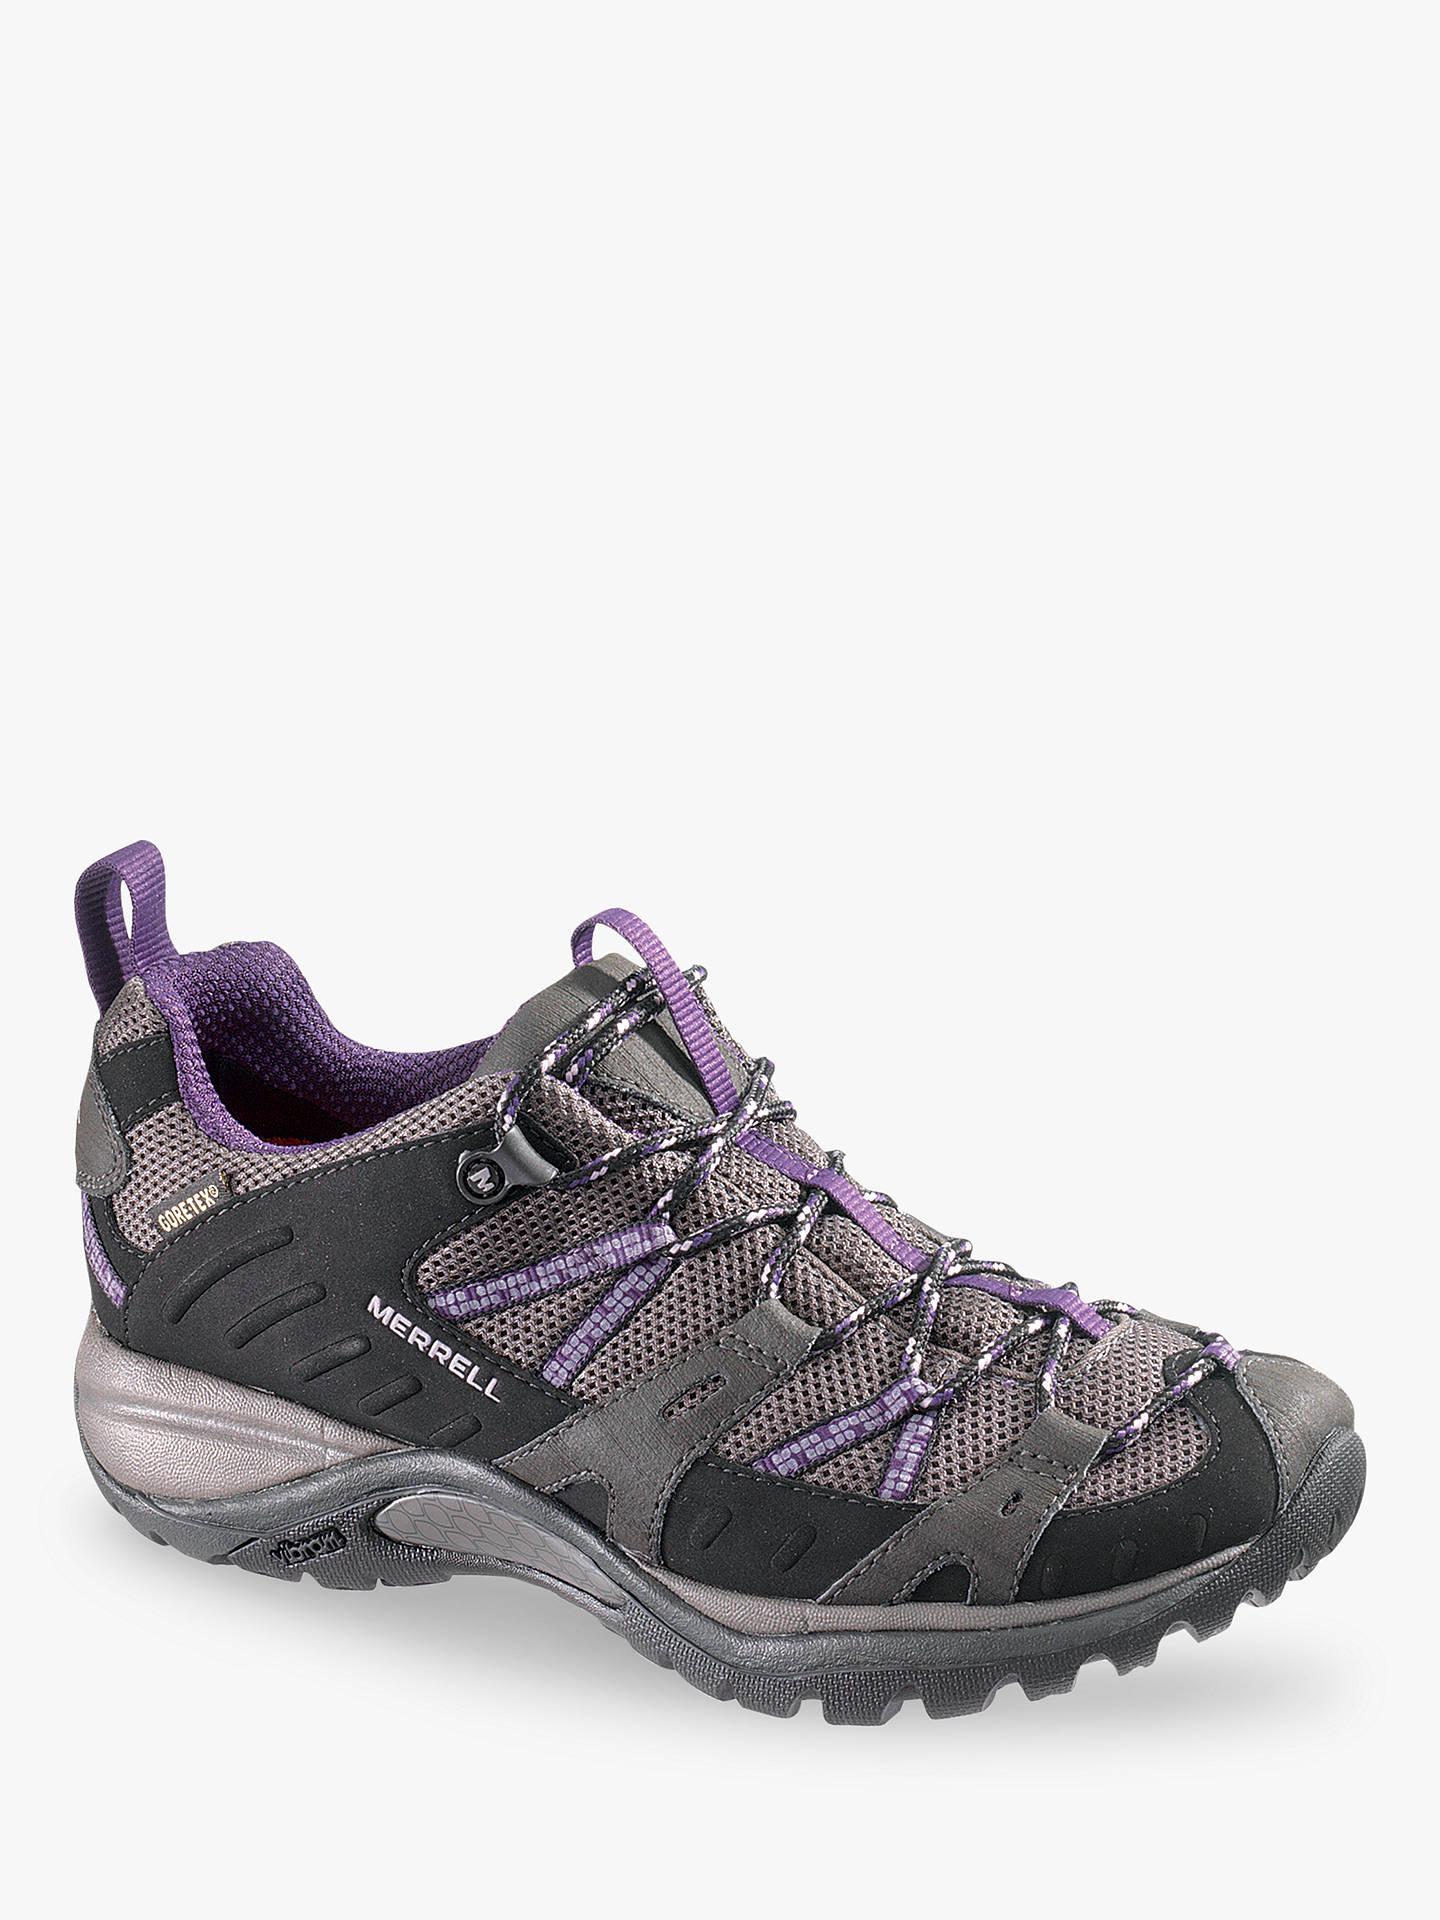 24df35c409 Buy Merrell Women's Siren Sport Gore-Tex Walking Shoes, Black/Plum, 5